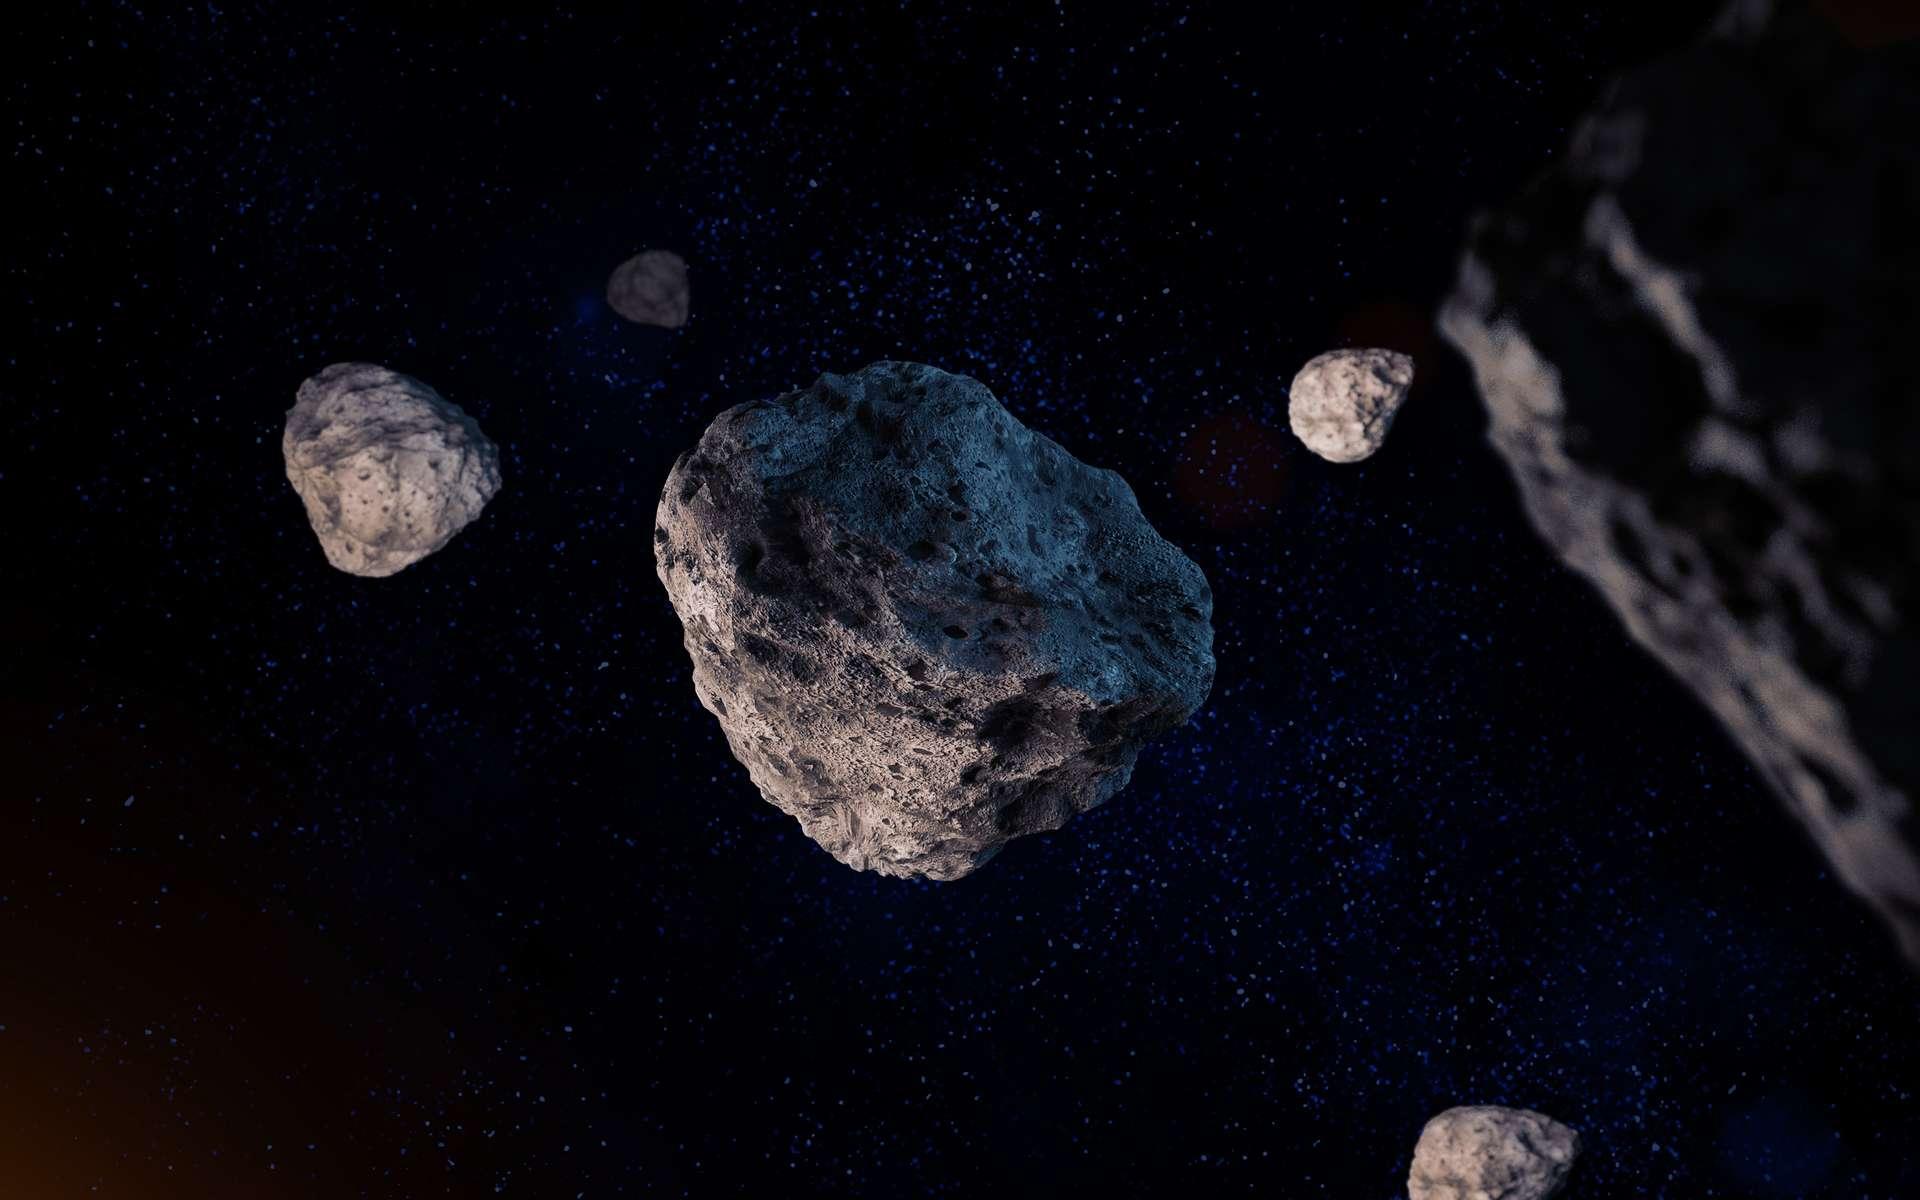 Les impacts d'astéroïdes sont trois fois plus fréquents sur la Terre et la Lune depuis 290 millions d'années. © trahko, Fotolia